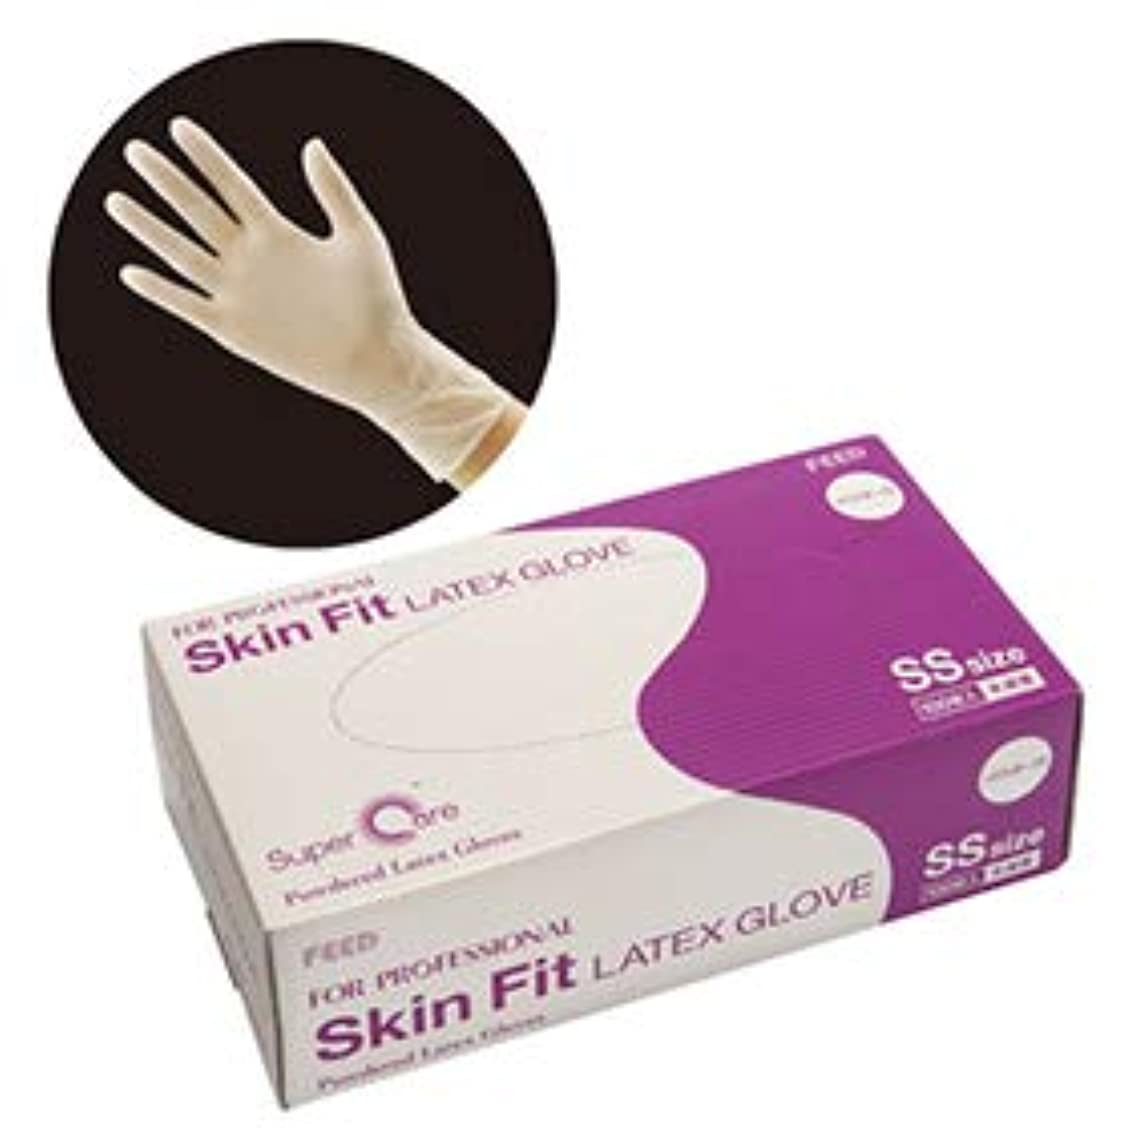 再生的盟主有害なFEED(フィード) Skin Fit ラテックスグローブ パウダー付 SS カートン(100枚入×10ケース) (作業用)